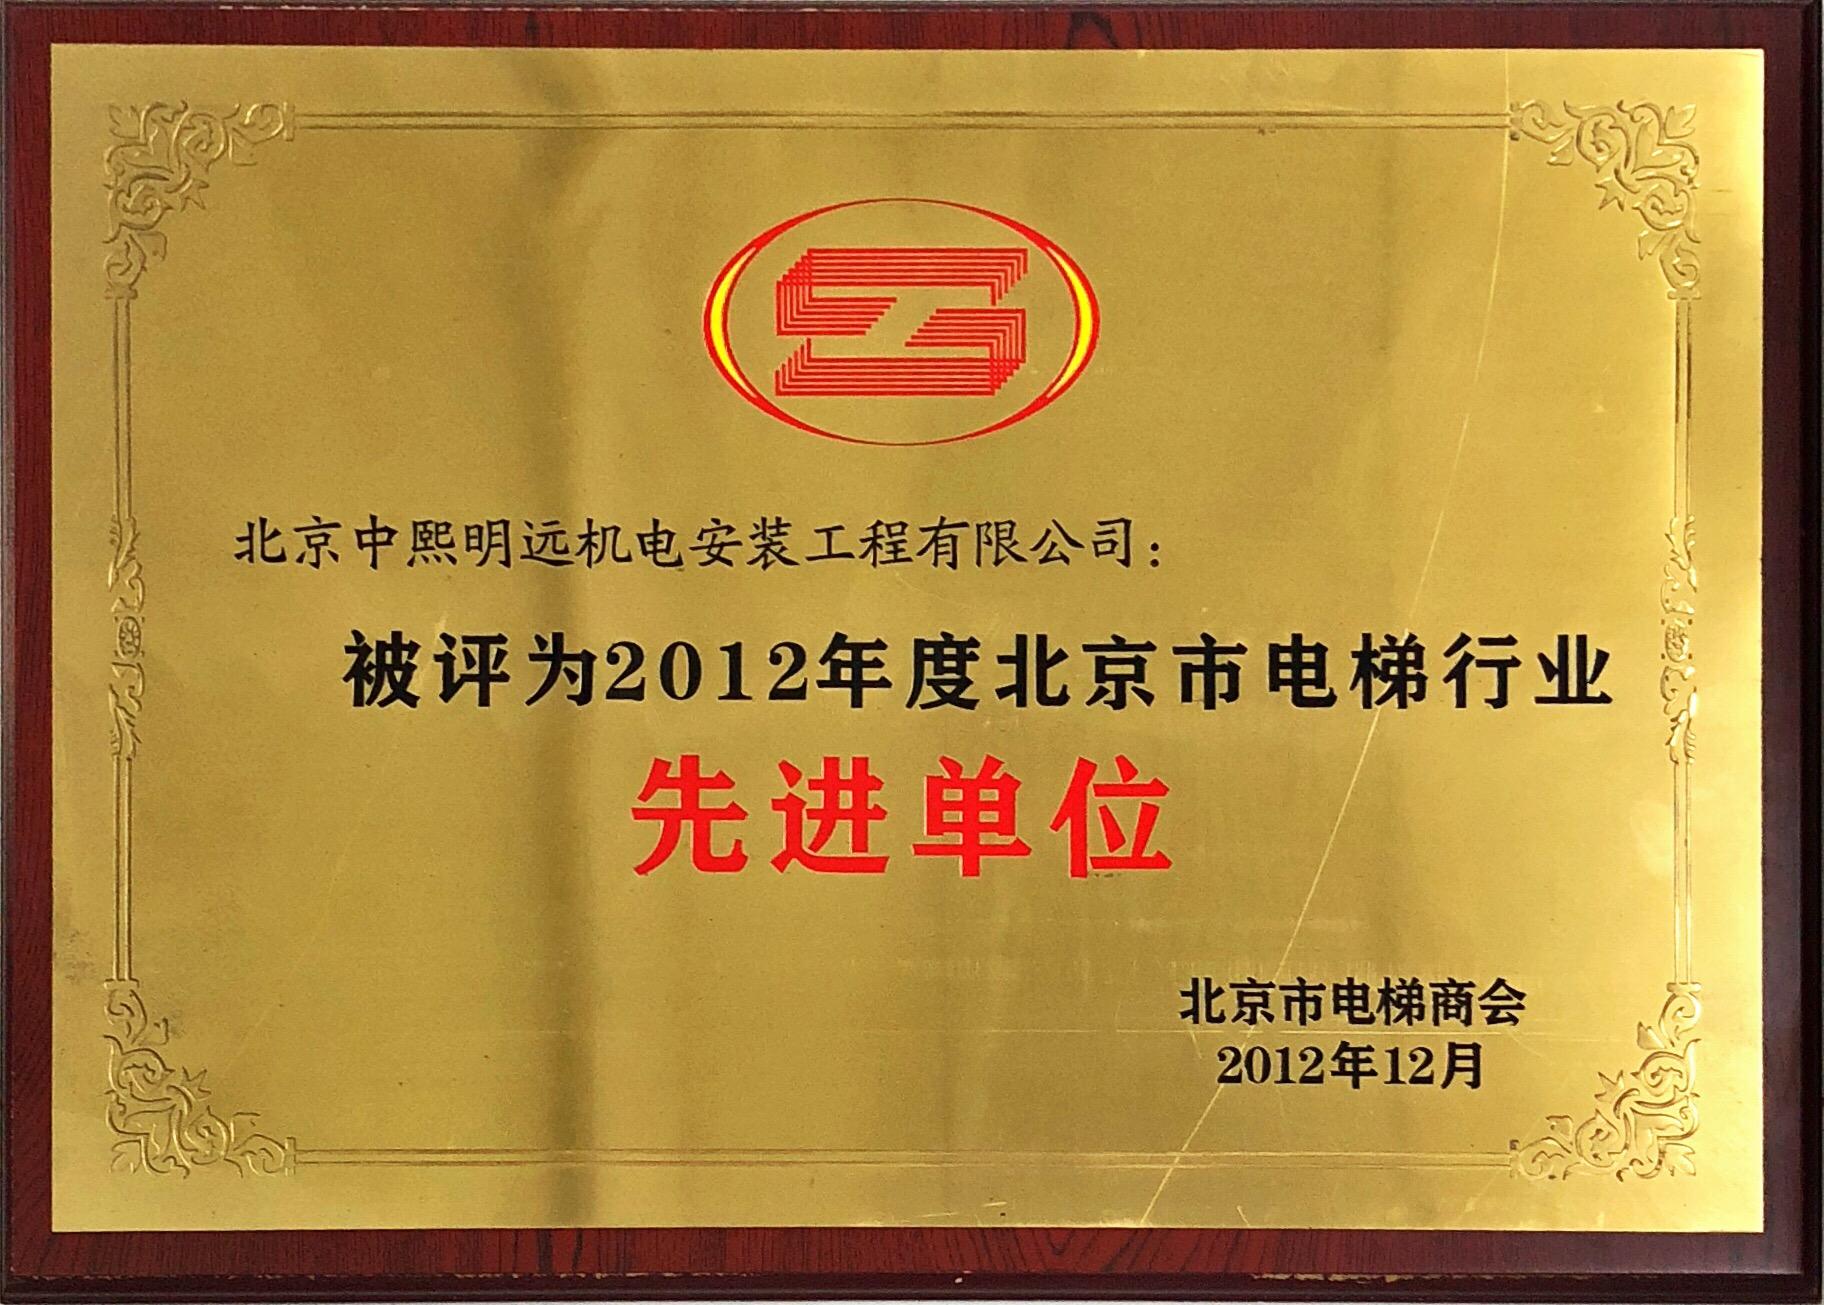 北京市电梯商会2012年先进单位